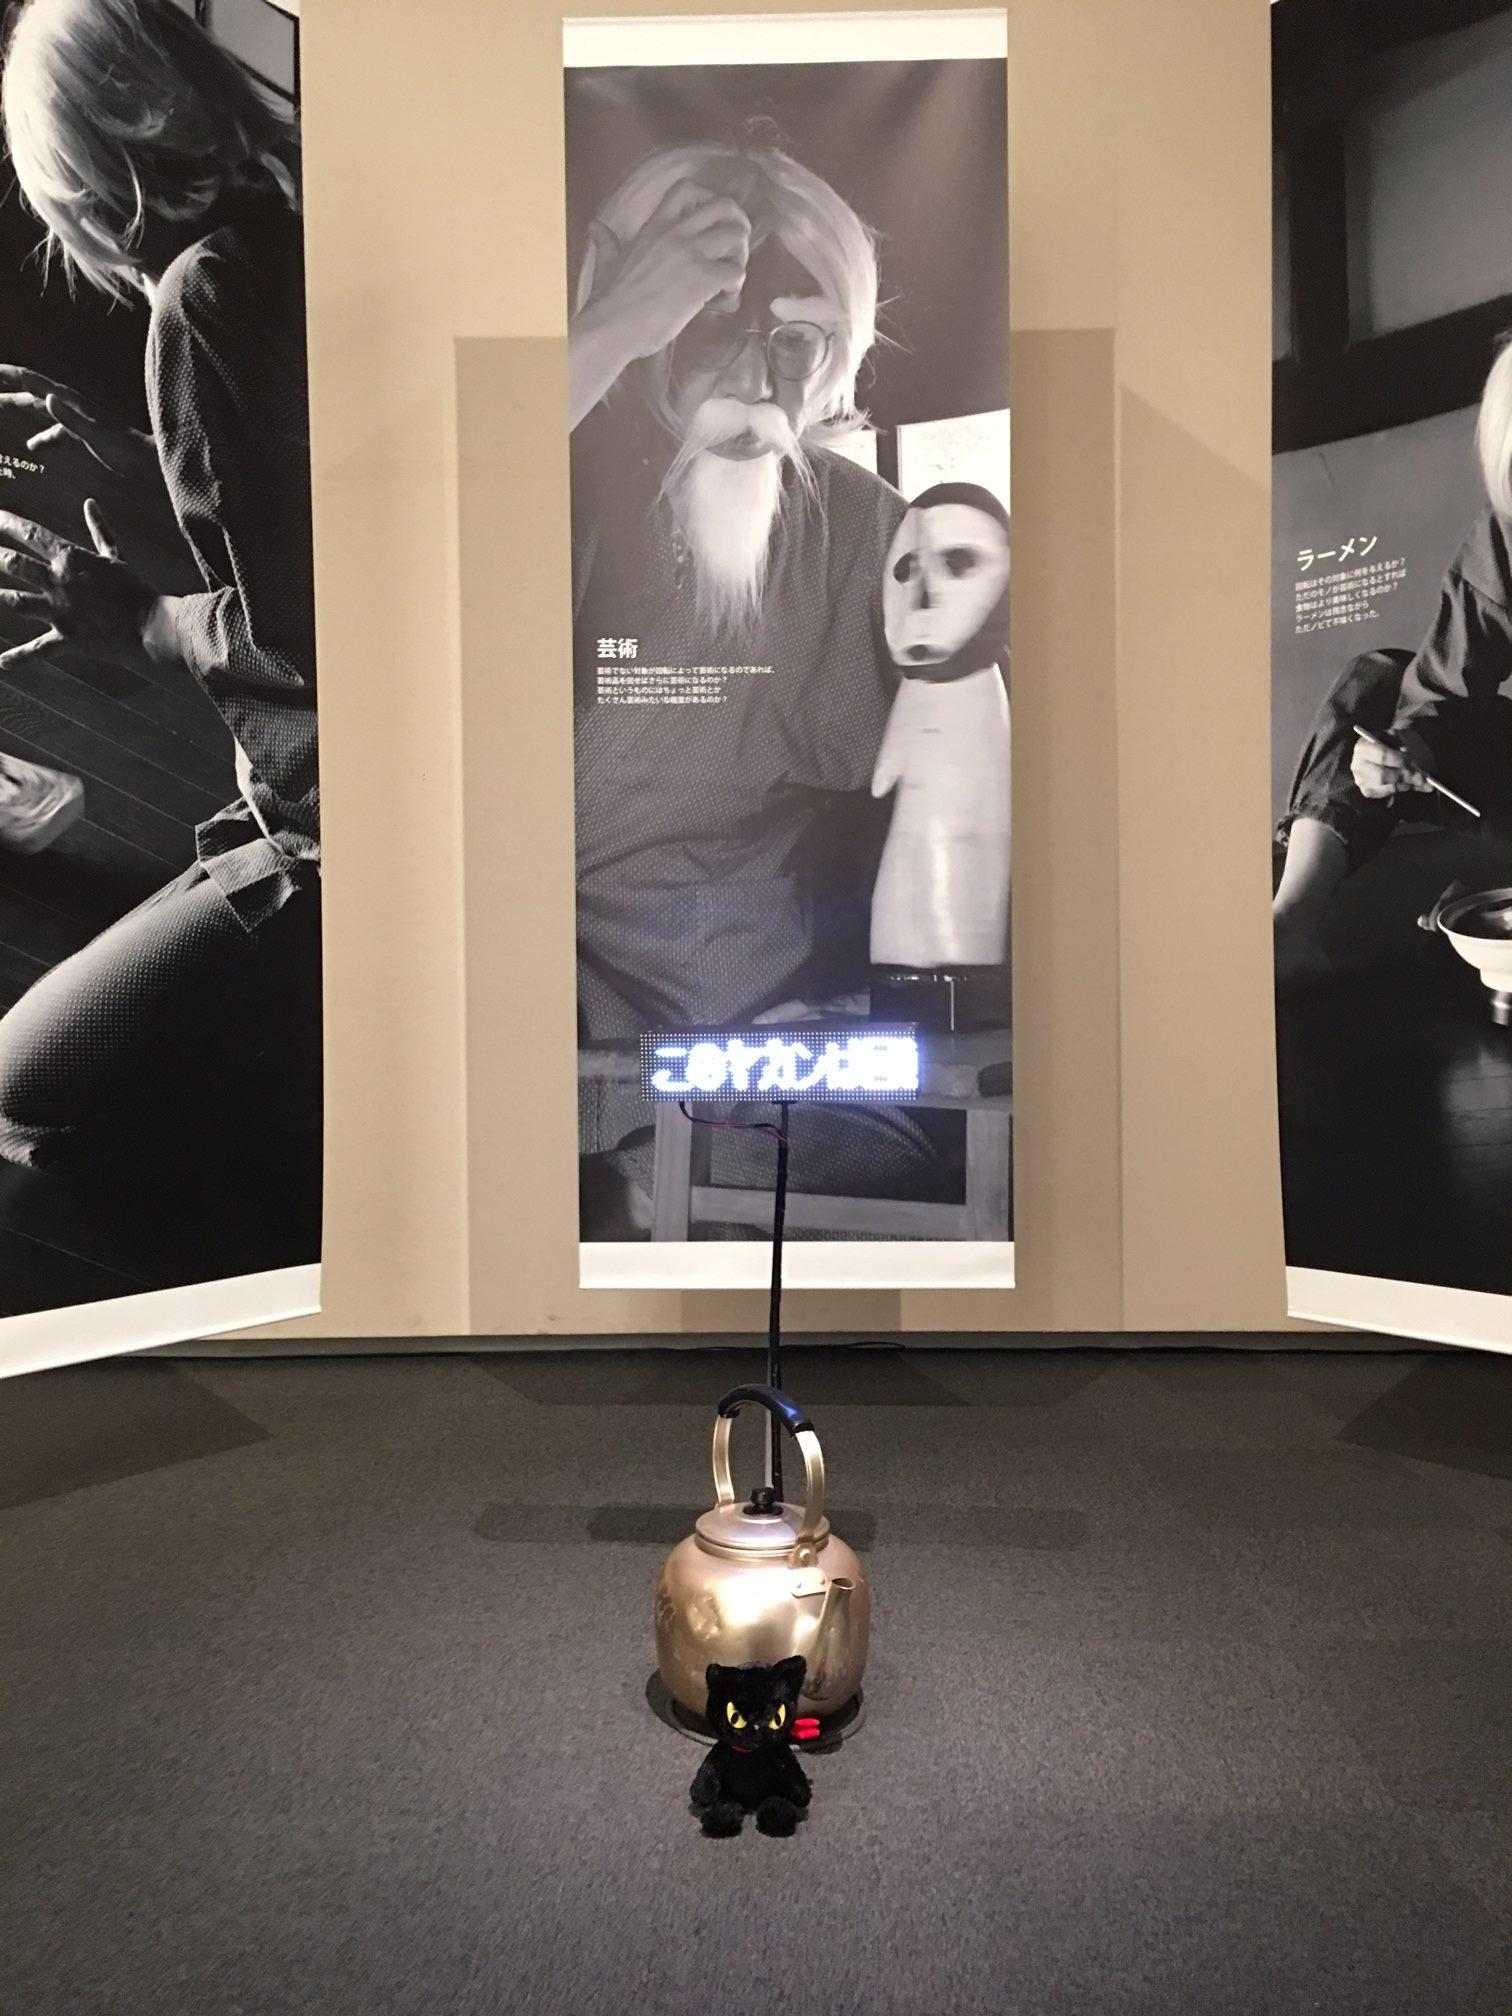 しりあがり寿の現代美術 回・転・展 in 練馬区立美術館_f0193056_13362439.jpg